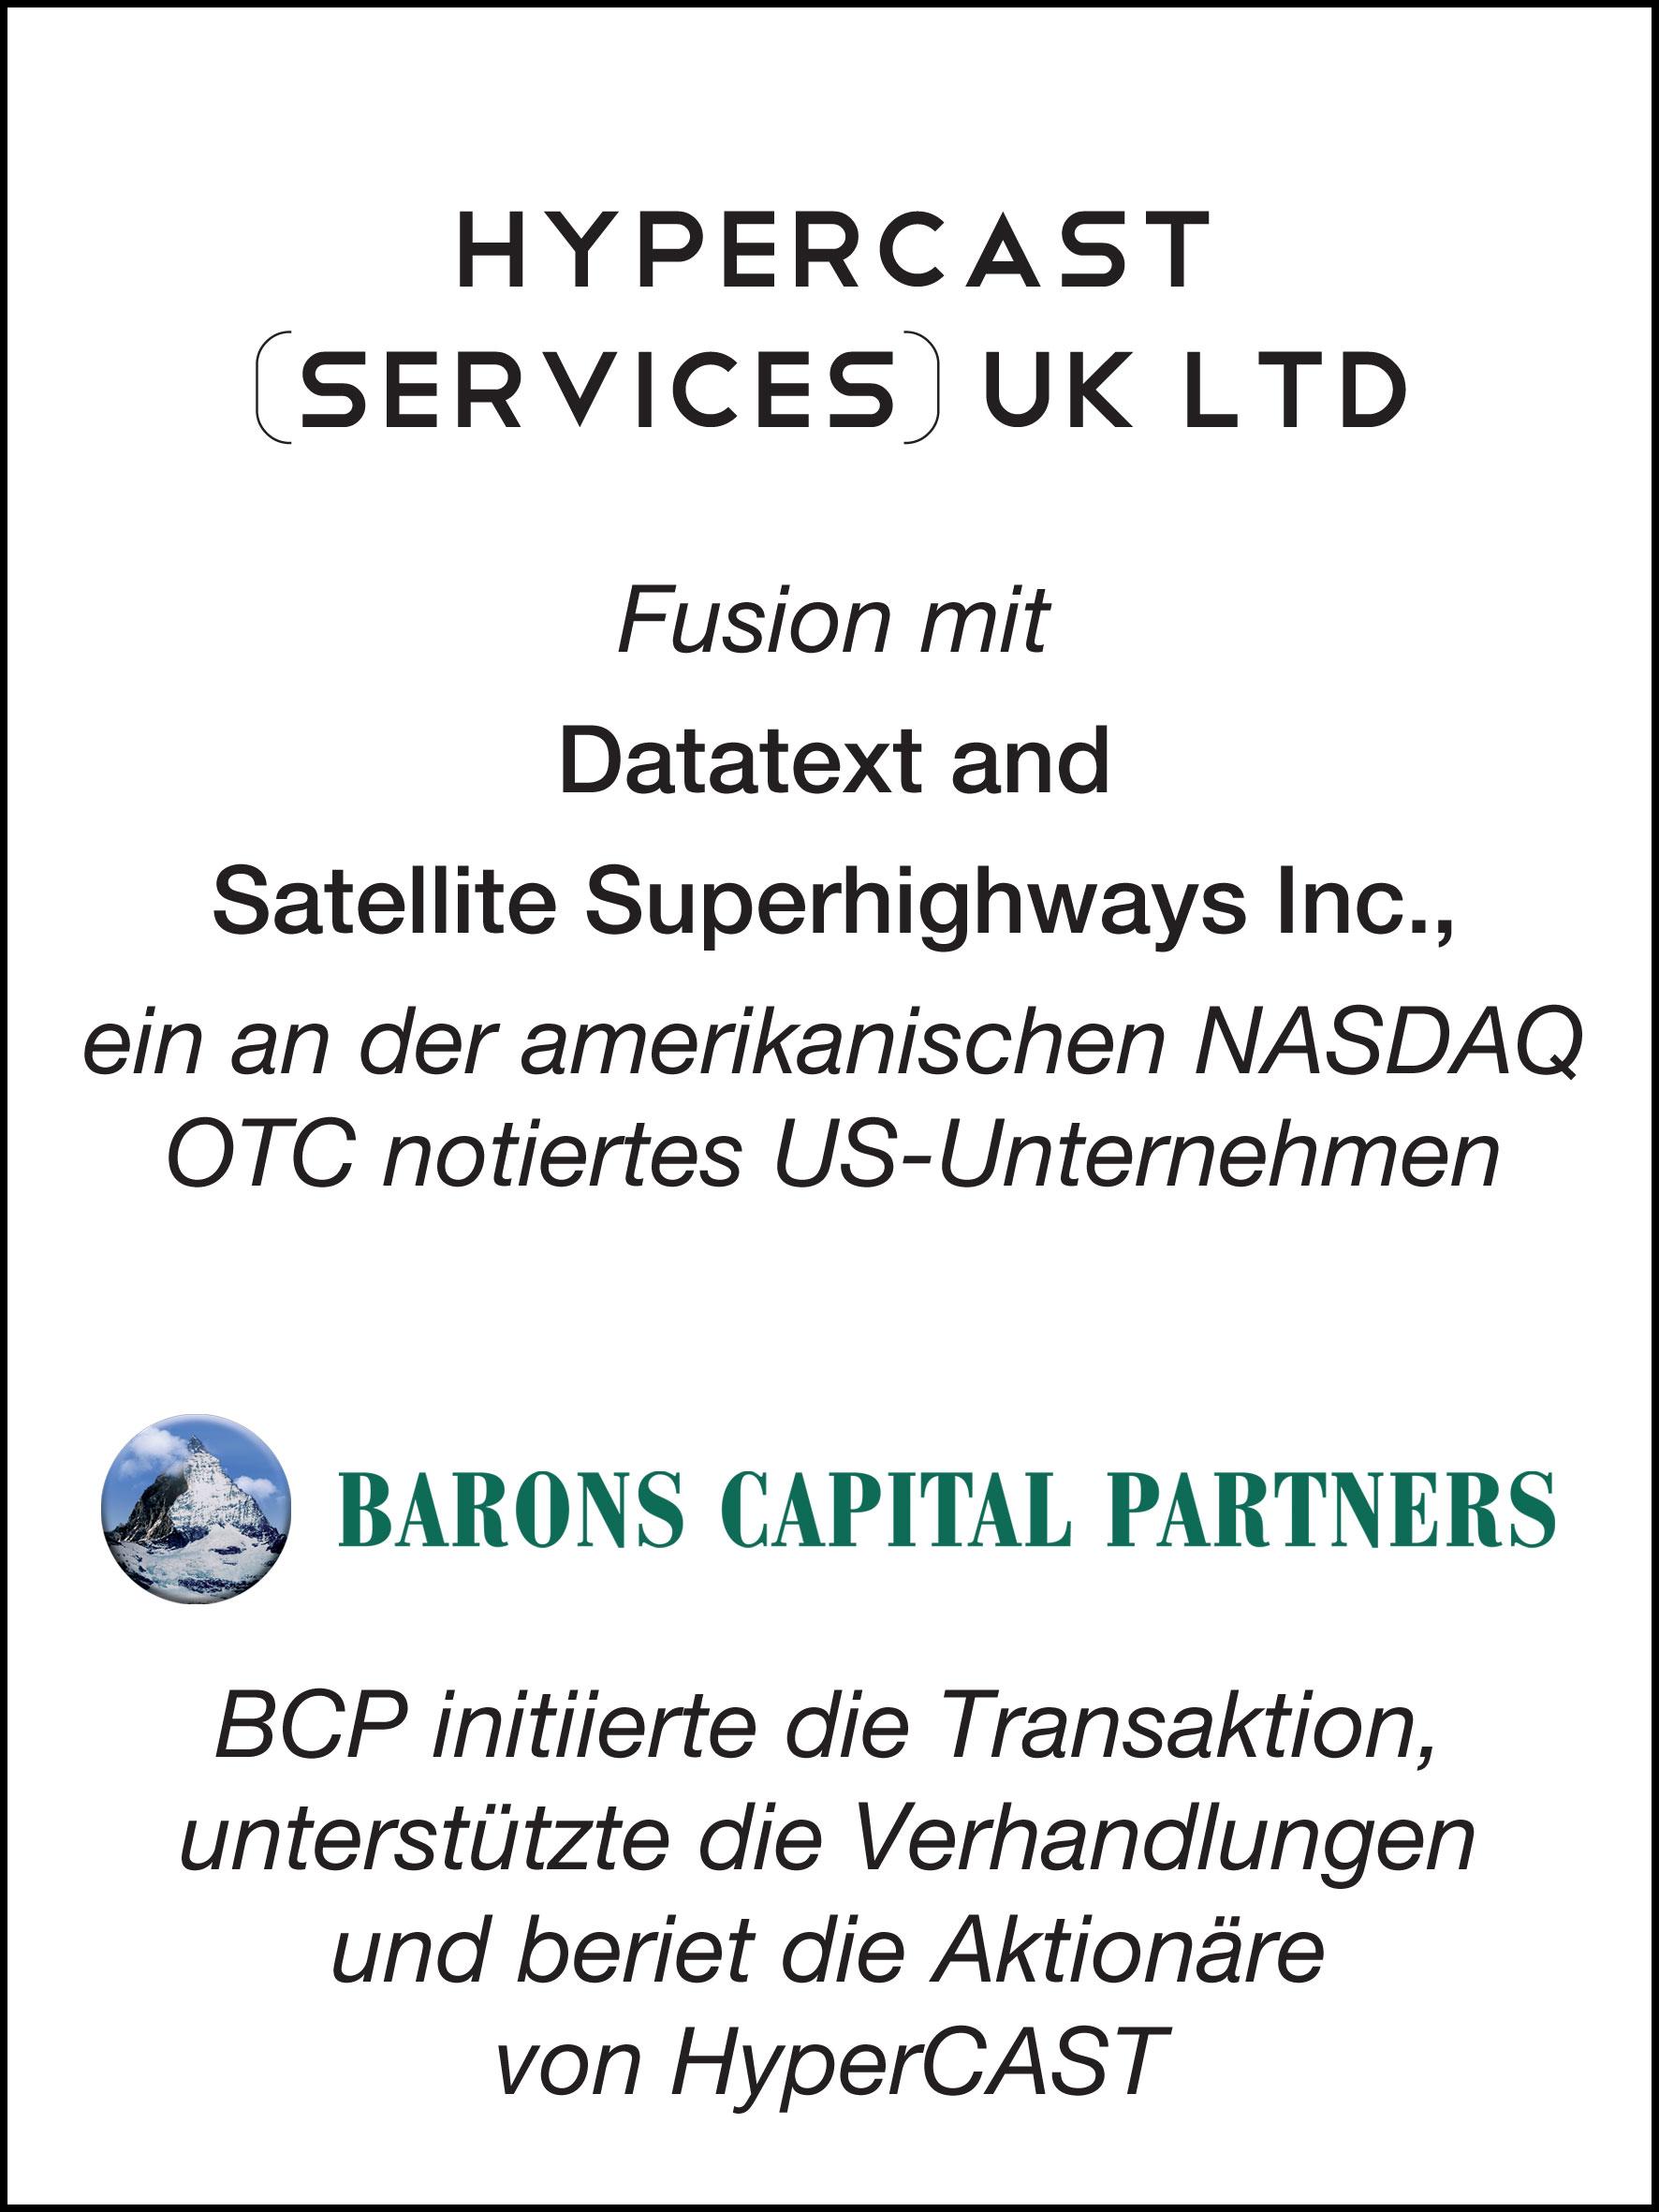 40_HyperCAST (Services) UK Ltd_G